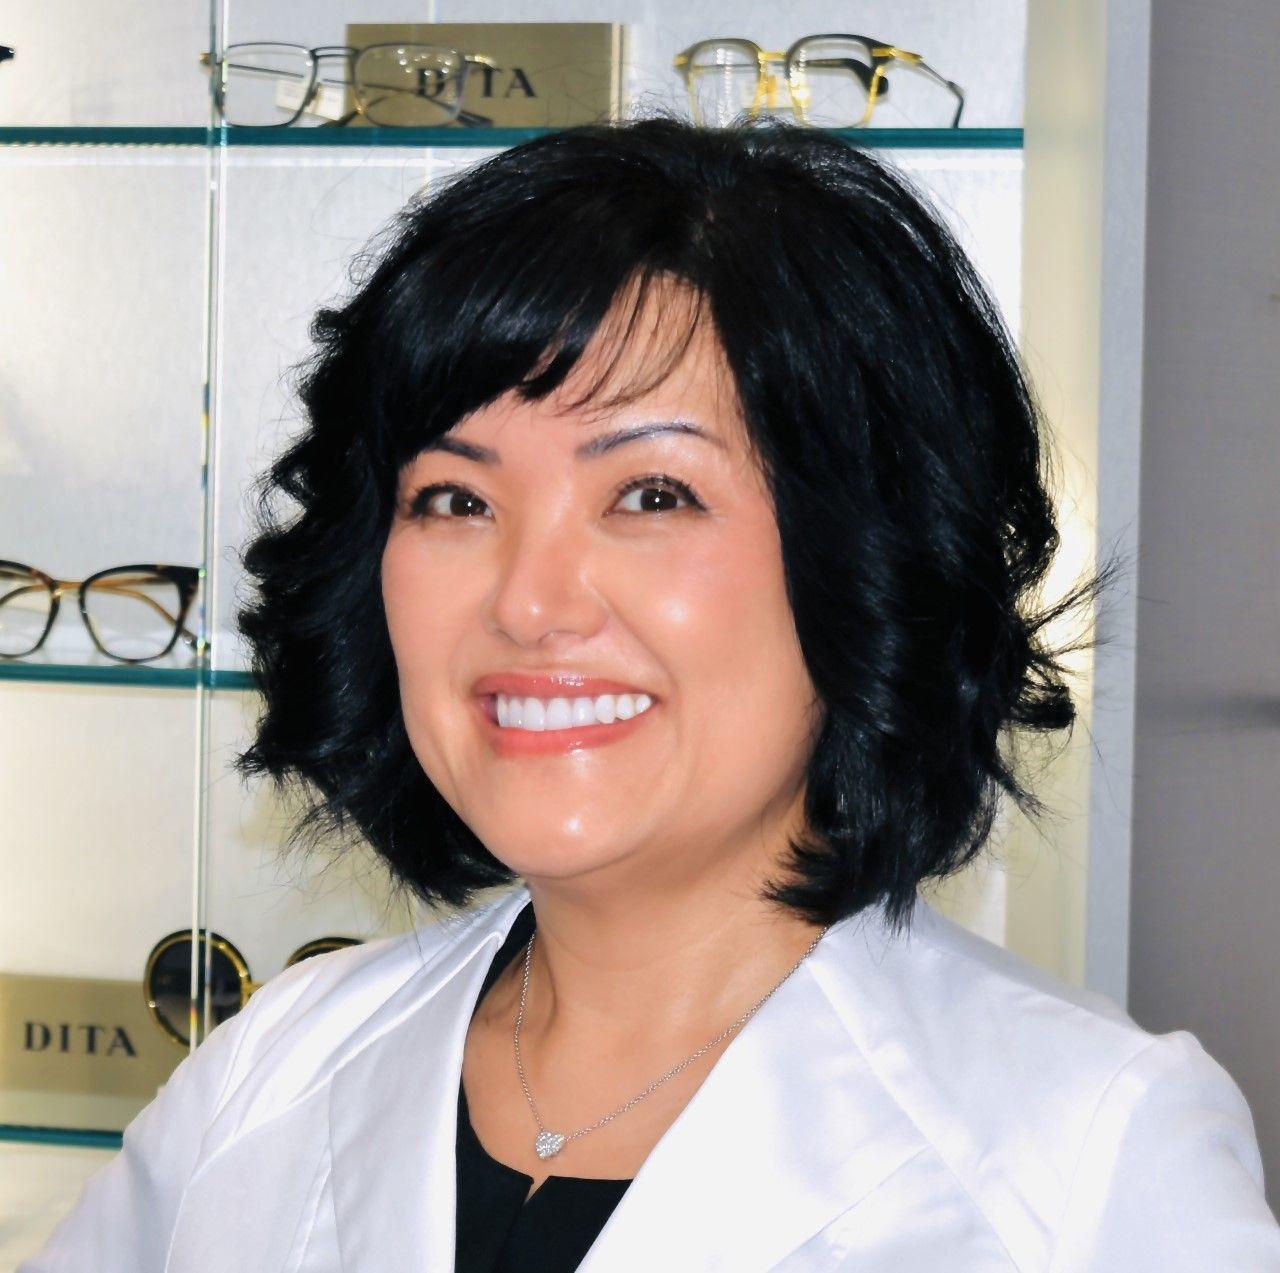 Dr. Ito